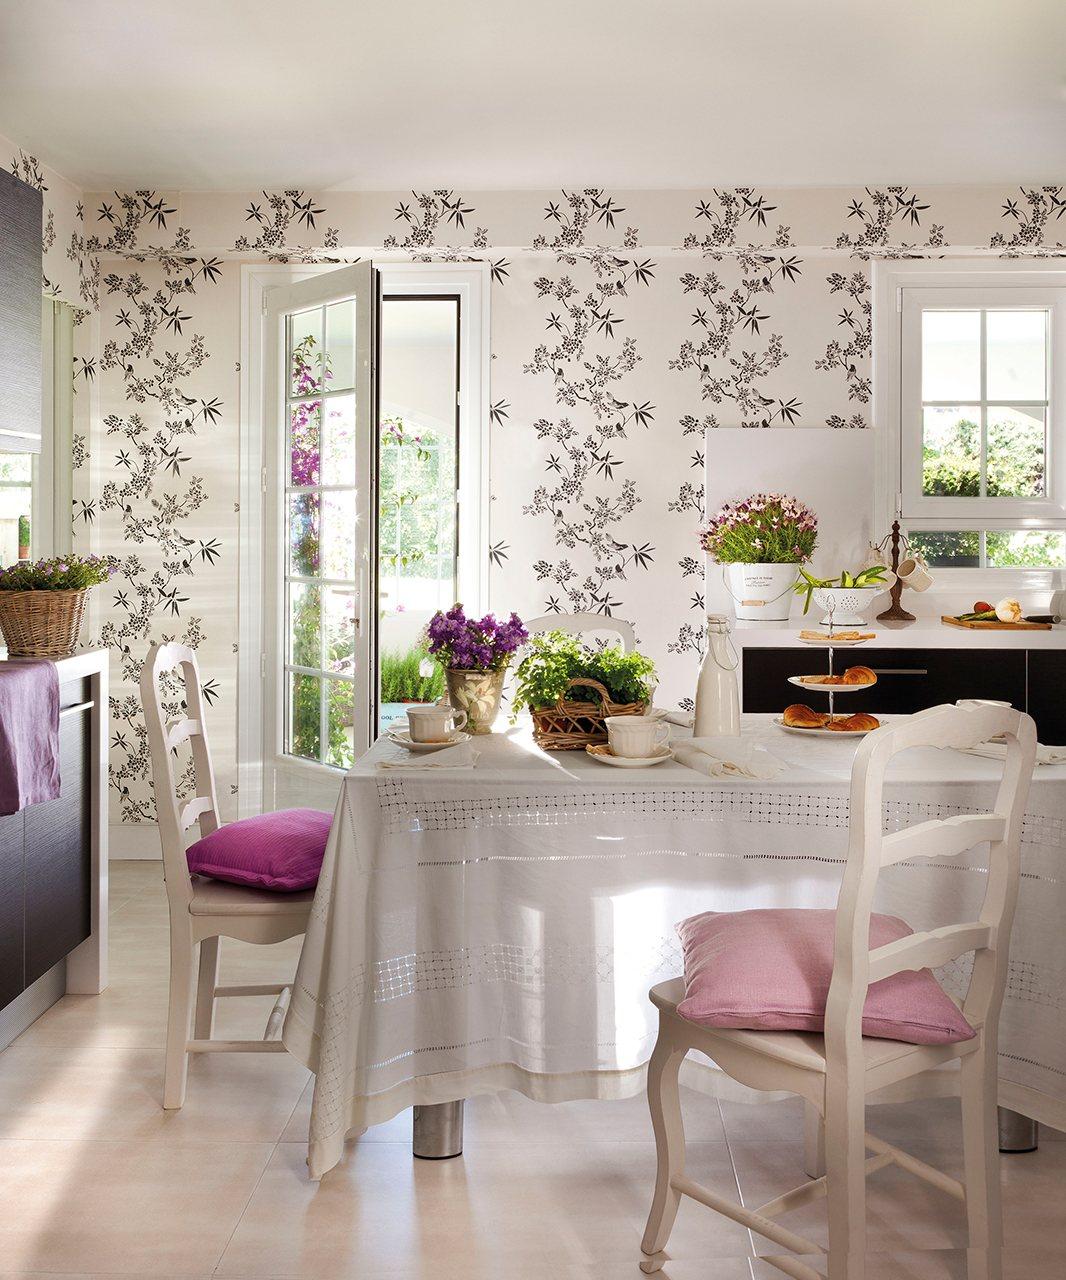 Reforma para ganar luz - Papel pintado en cocina ...